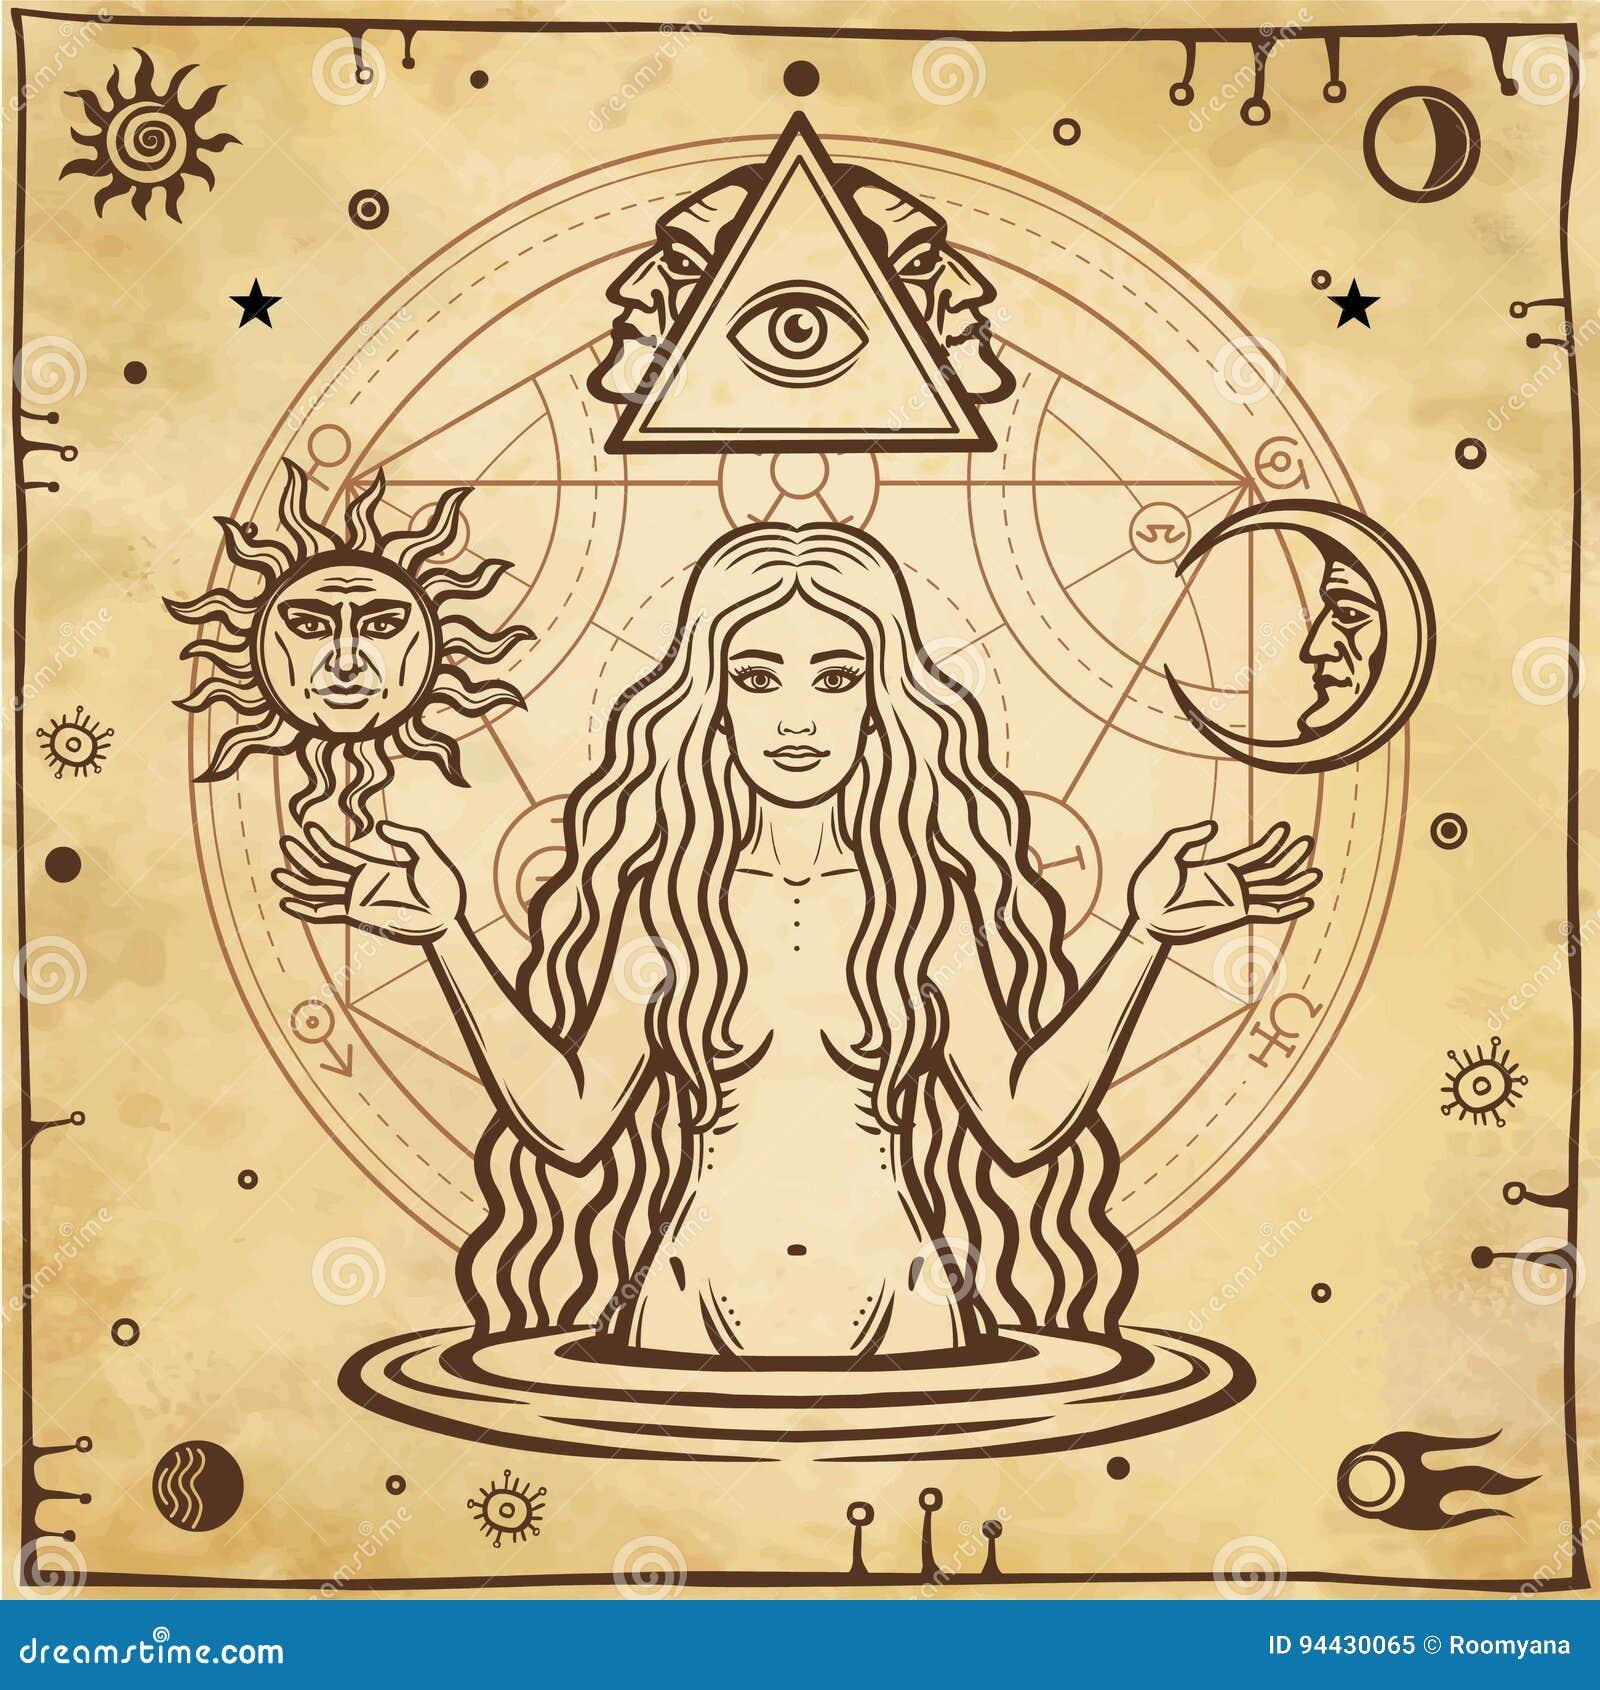 Dessin alchimique : jeune belle femme, image du ` s d Ève, fertilité, tentation